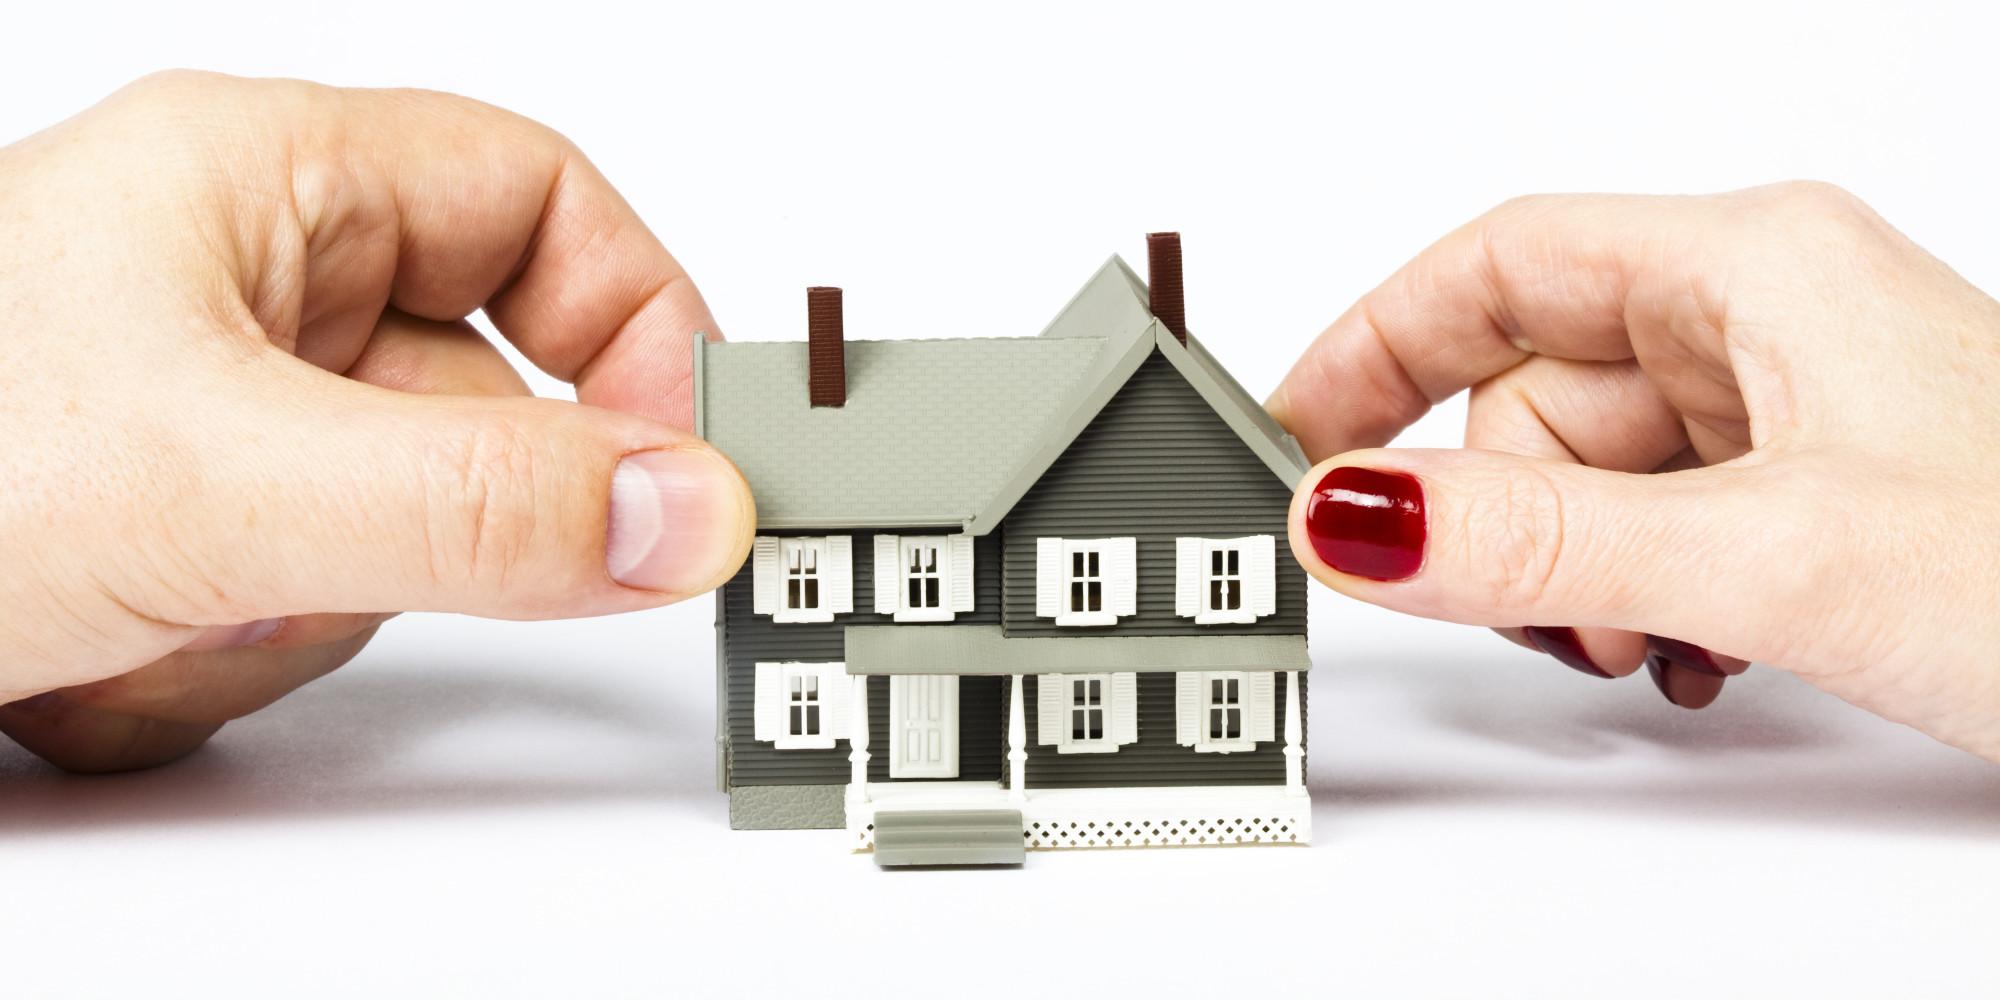 Нужно ли получать согласие супруга на покупку квартиры?